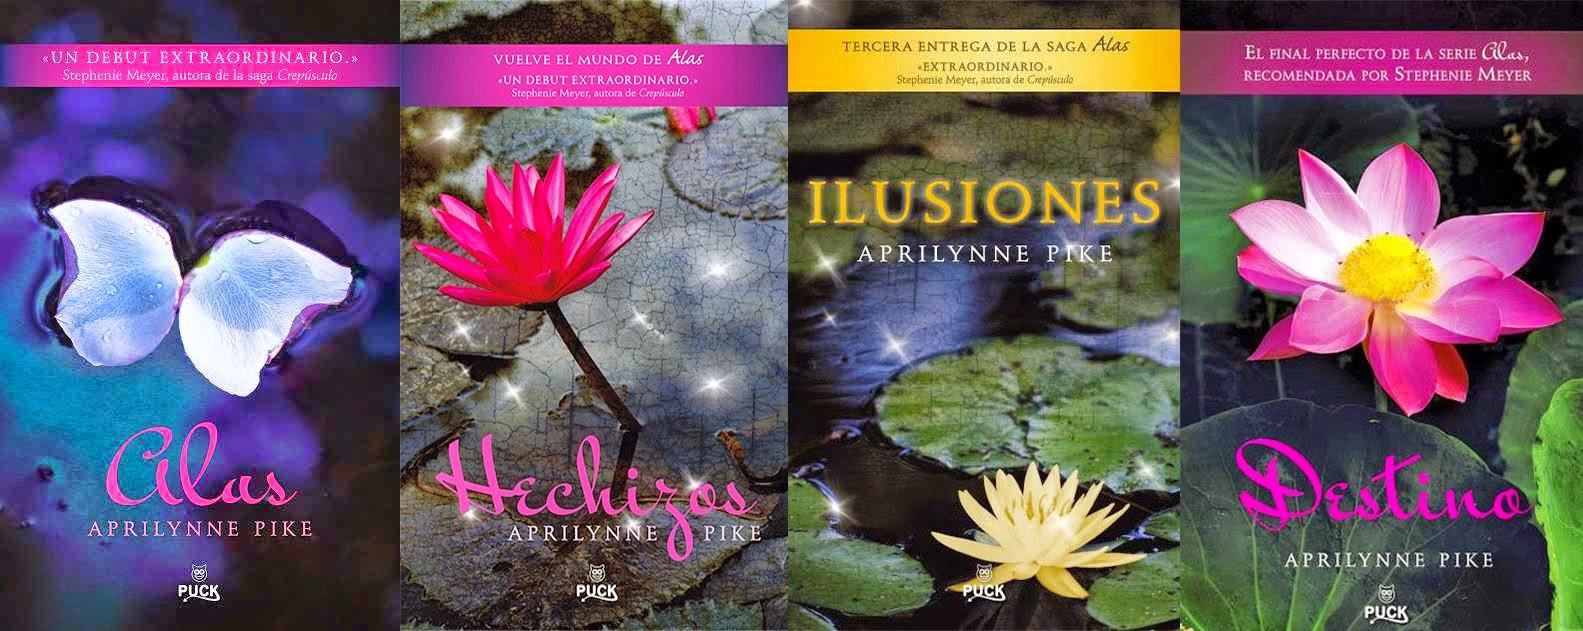 portadas libros serie alas de Aprilynne pike